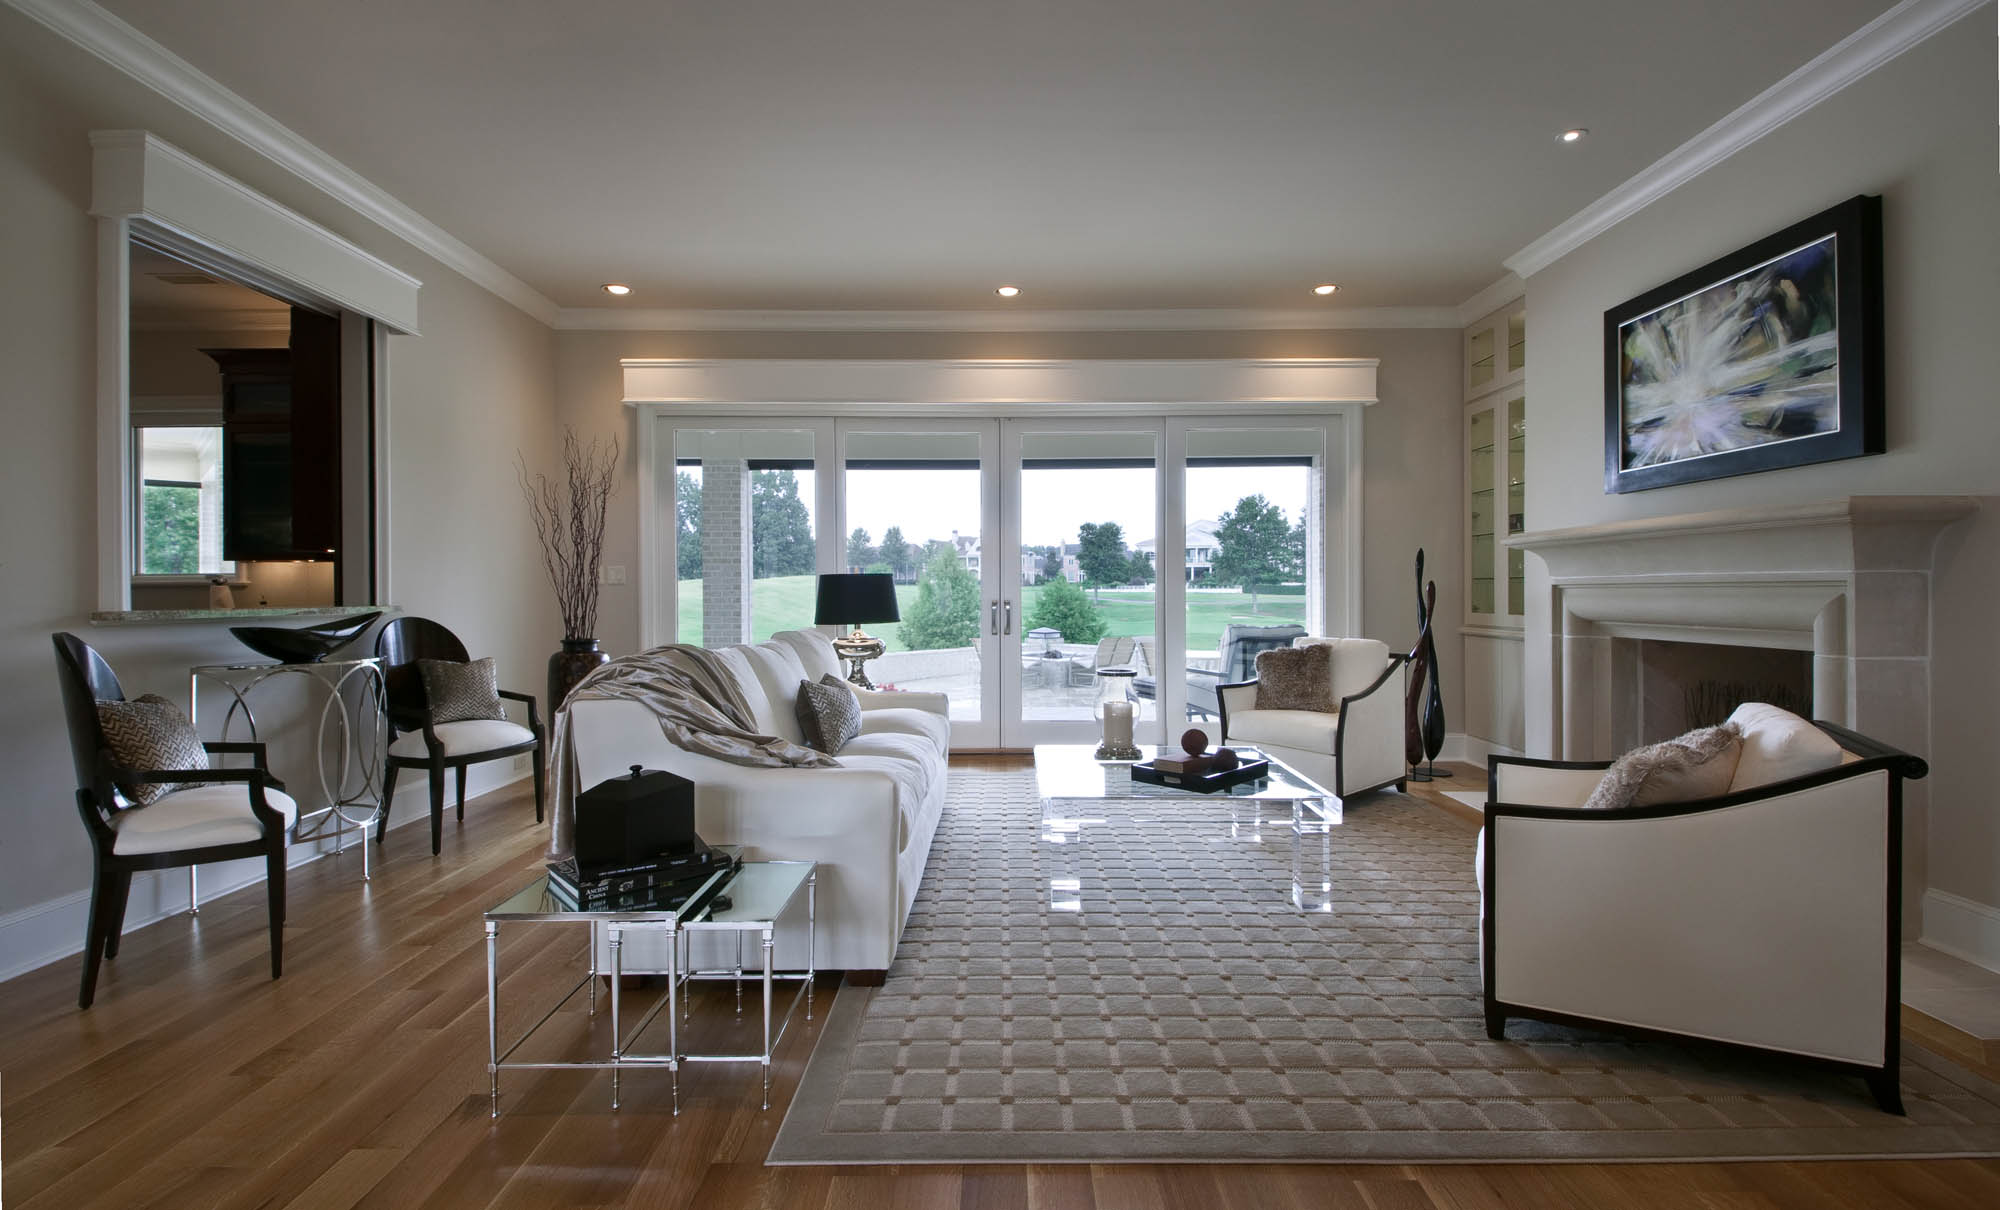 Interieurtips om zelf je huis in te richten wilhelmina designs - Gratis huis deco magazine ...